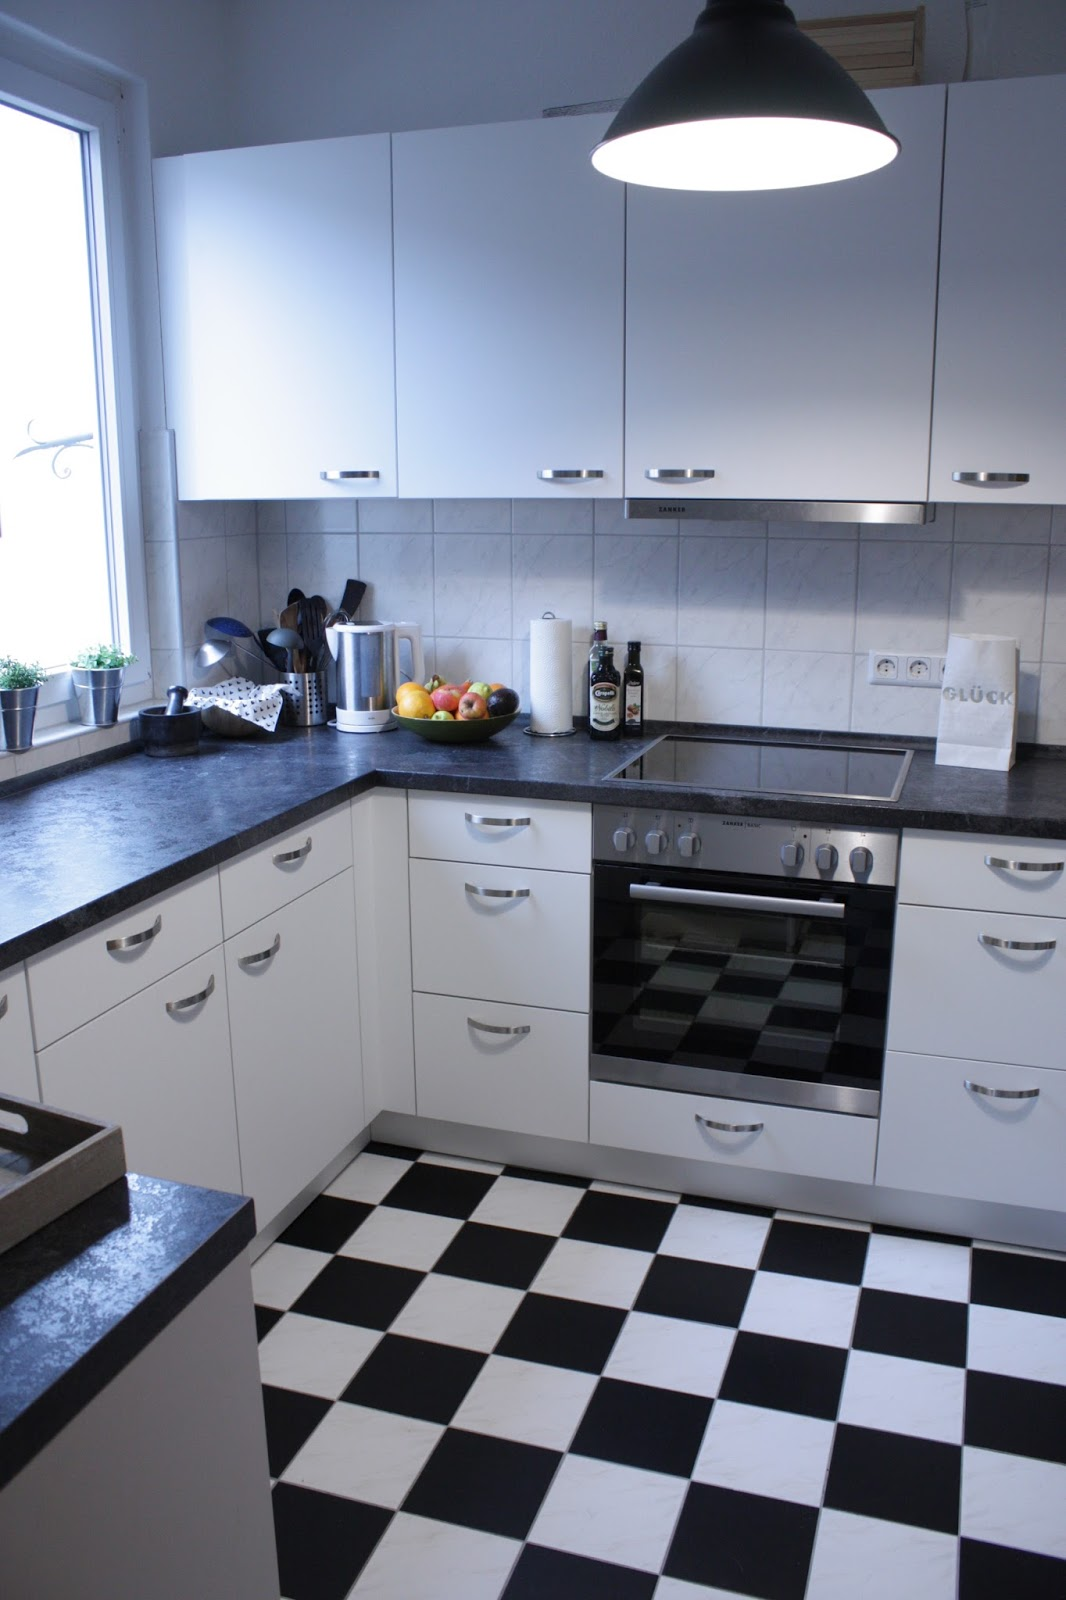 linoleum fliesen verlegen die neueste innovation der innenarchitektur und m bel. Black Bedroom Furniture Sets. Home Design Ideas